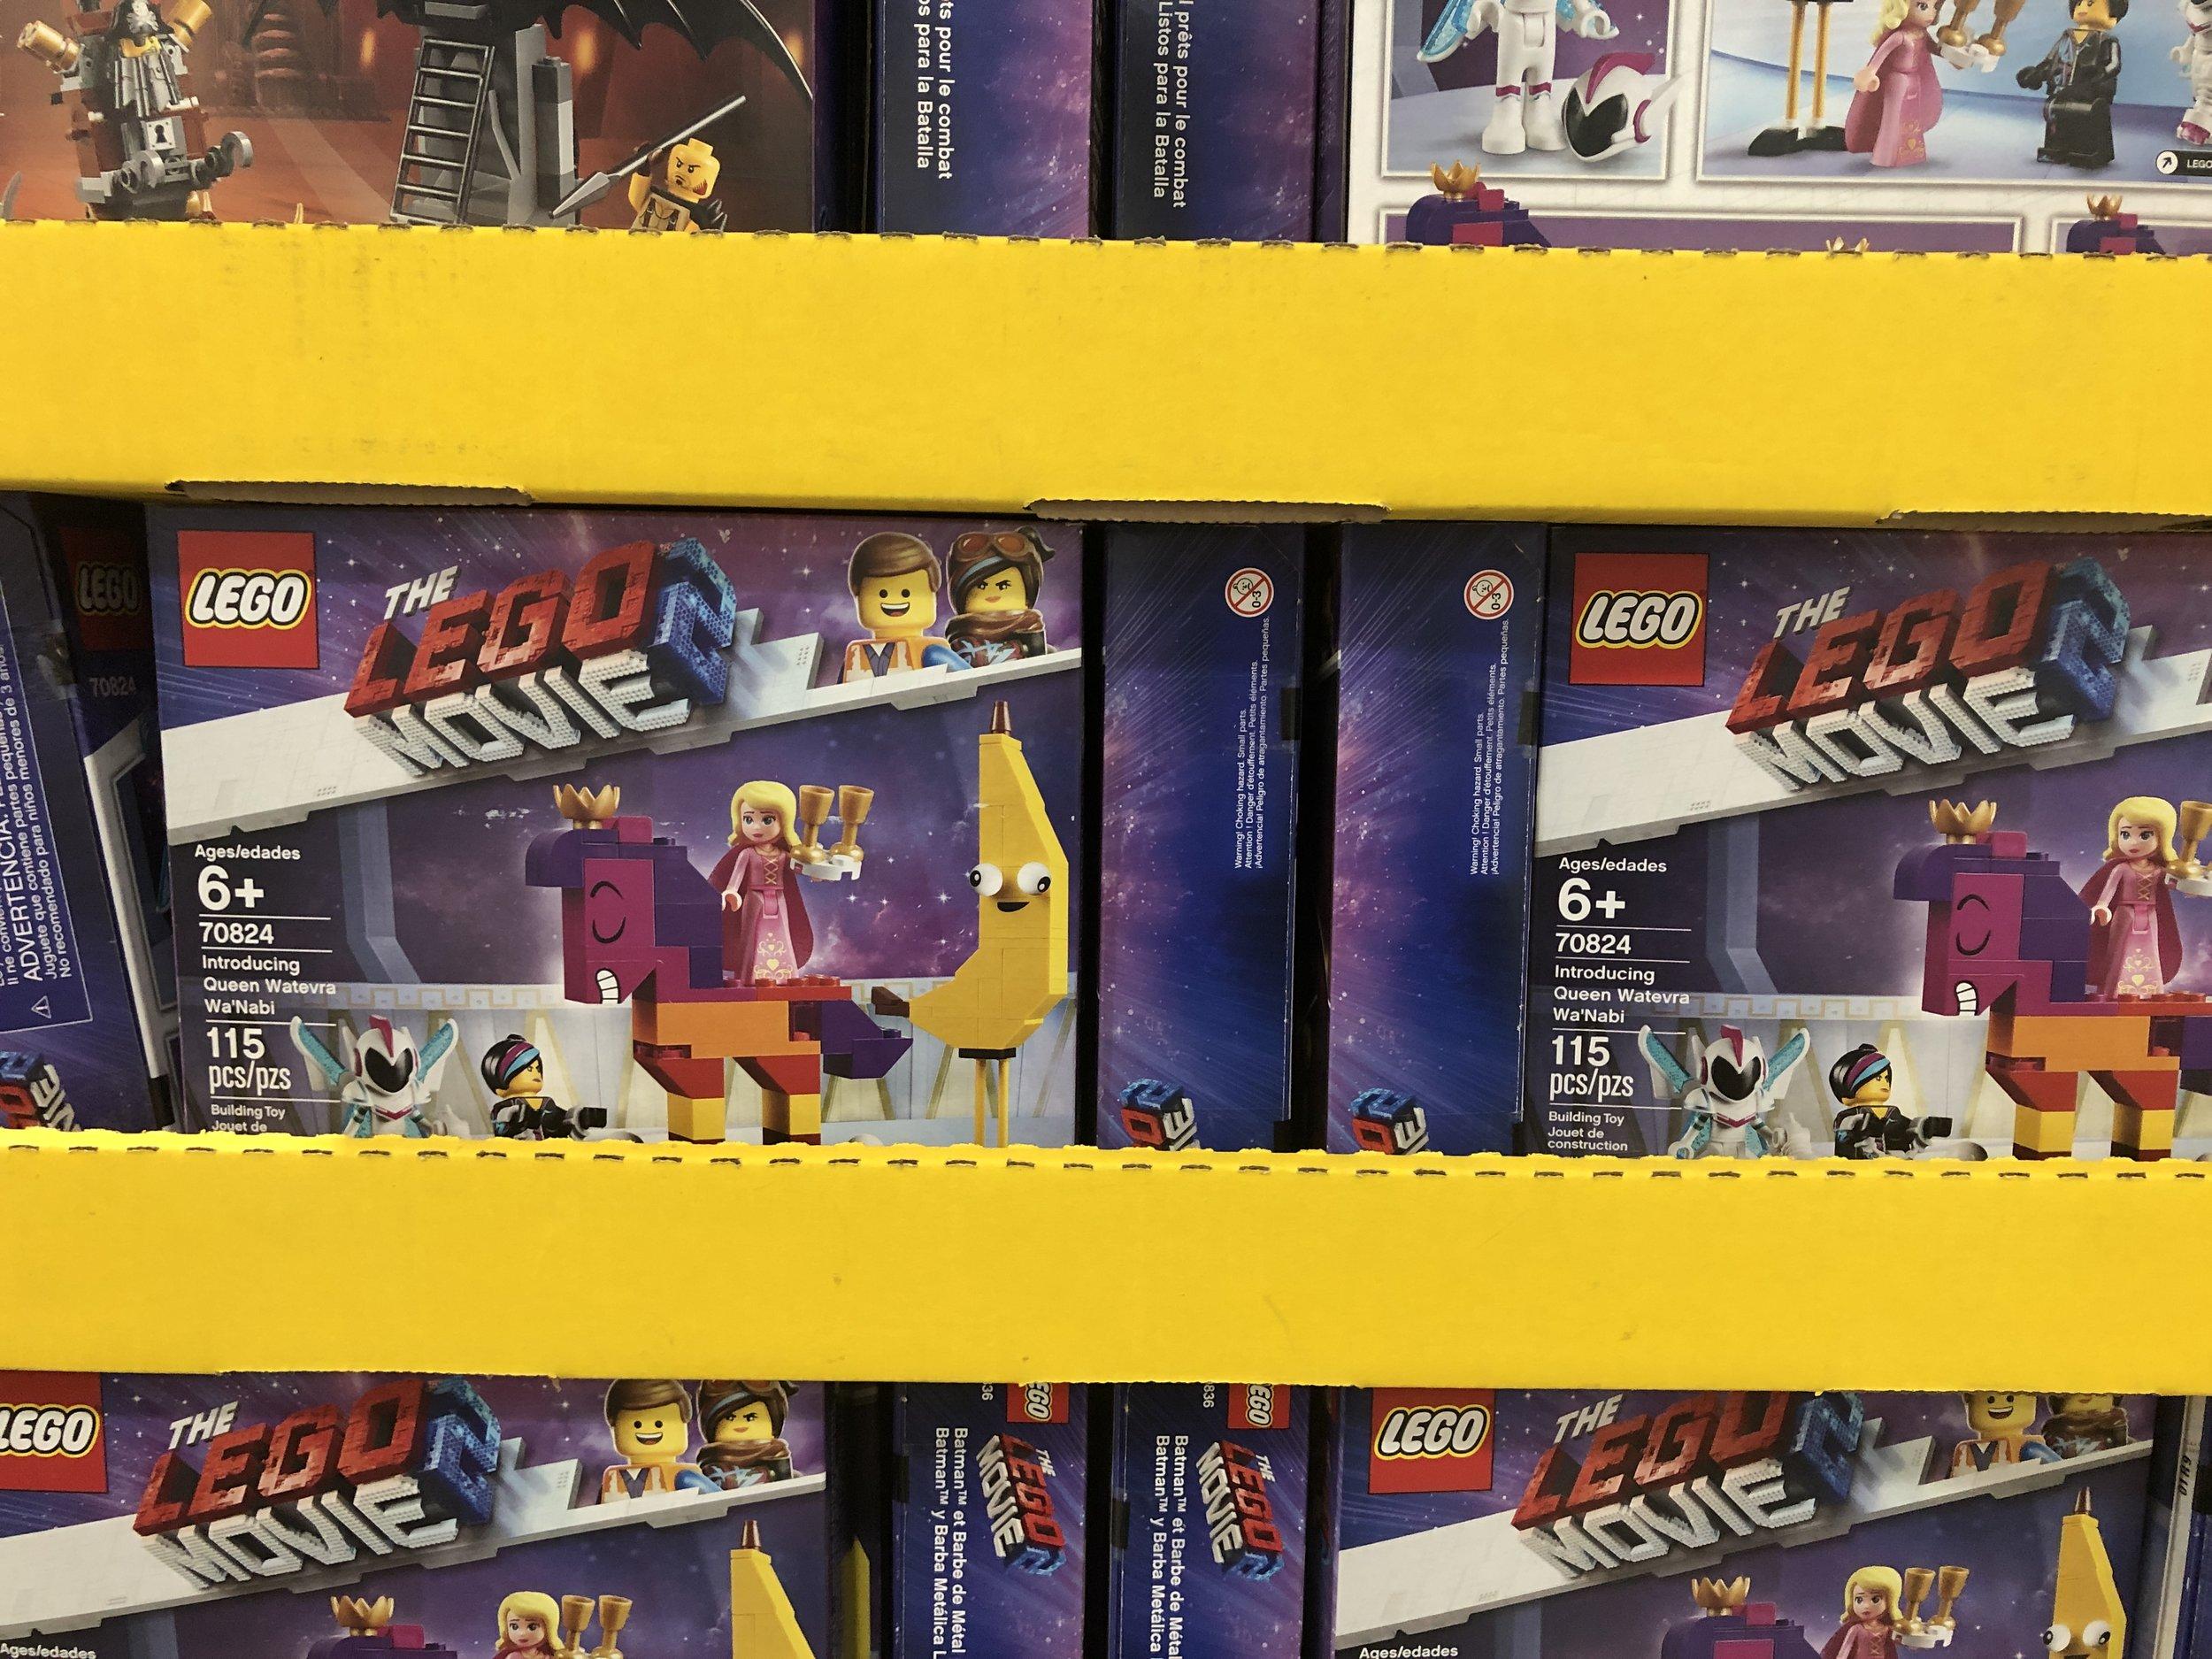 LEGO-Trouvailles Costco- Je suis une maman